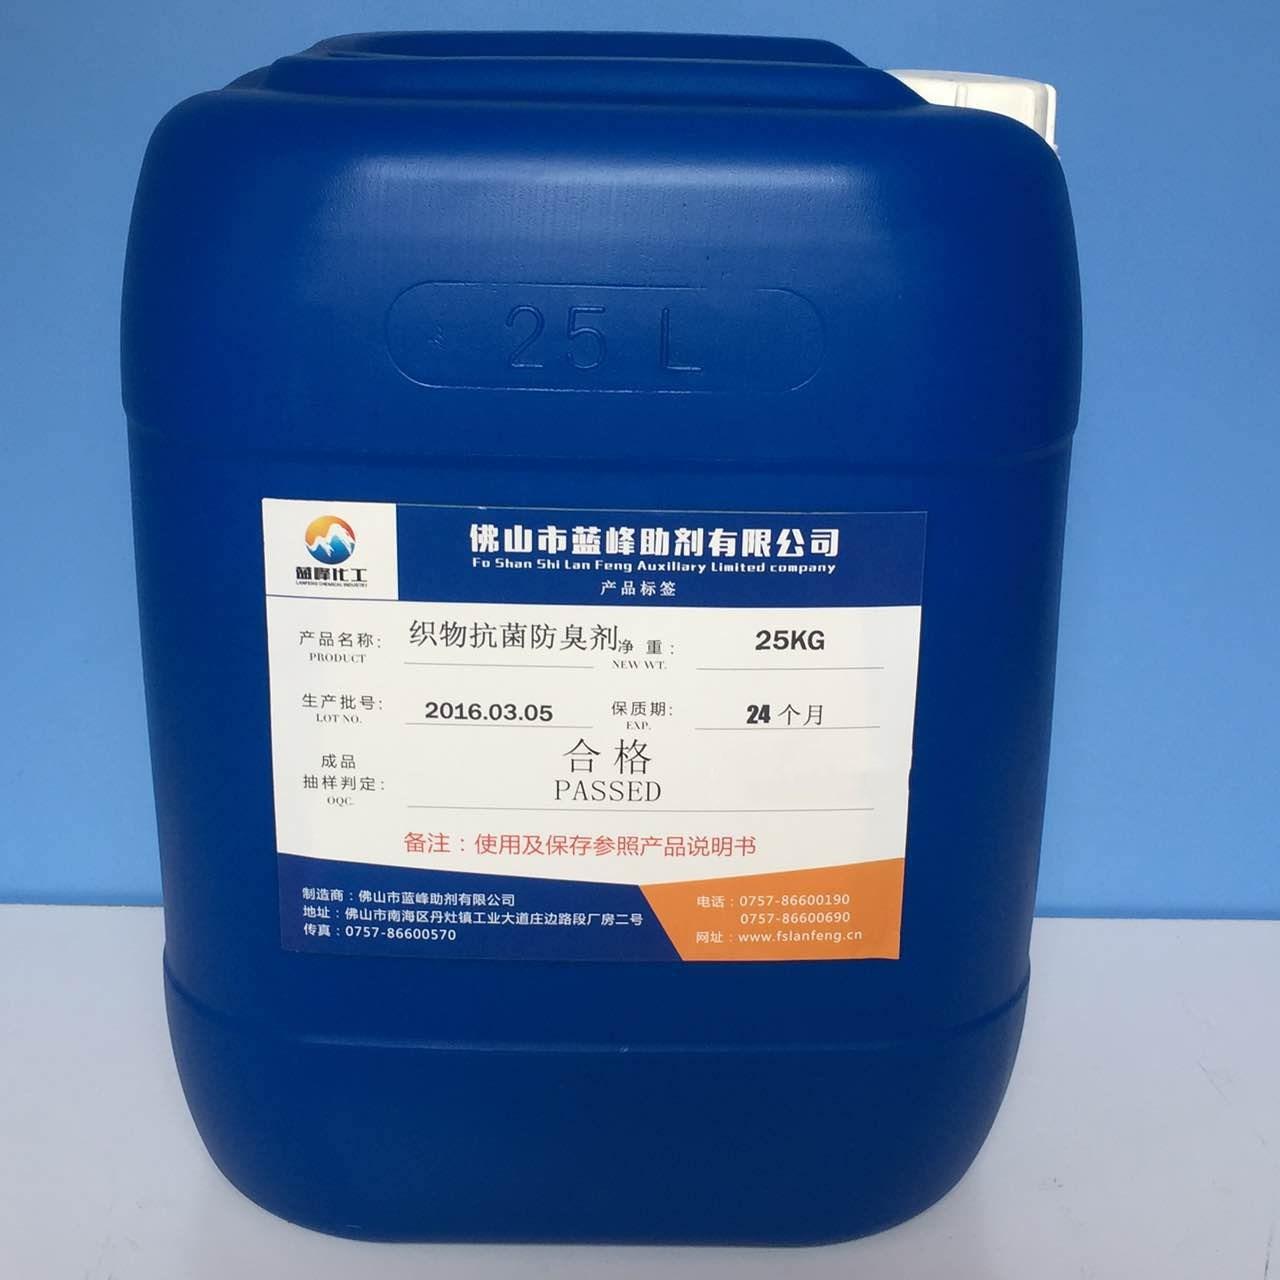 紡織抗菌防臭整理劑